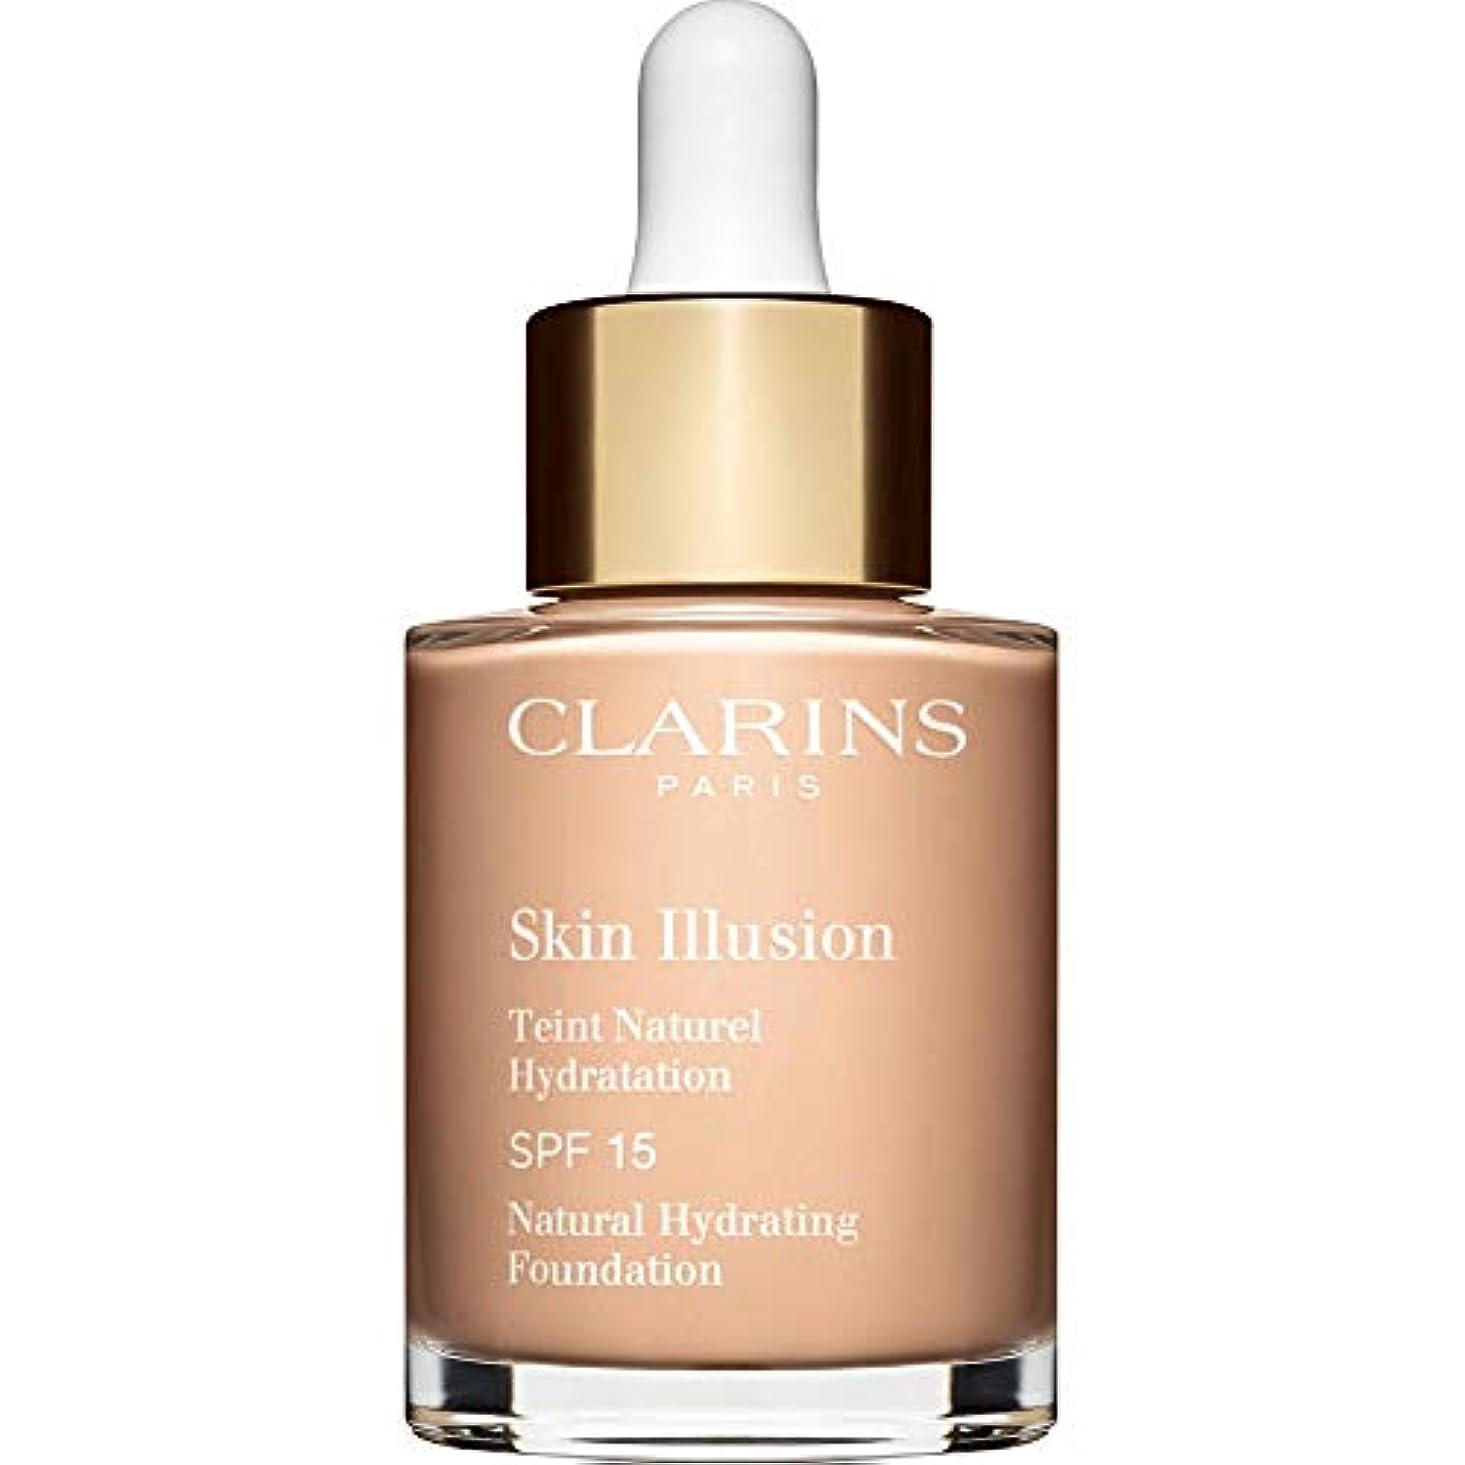 思春期シェア日曜日[Clarins] クラランススキンイリュージョン自然の水和基盤Spf15 30ミリリットル102.5 - 磁器 - Clarins Skin Illusion Natural Hydrating Foundation...